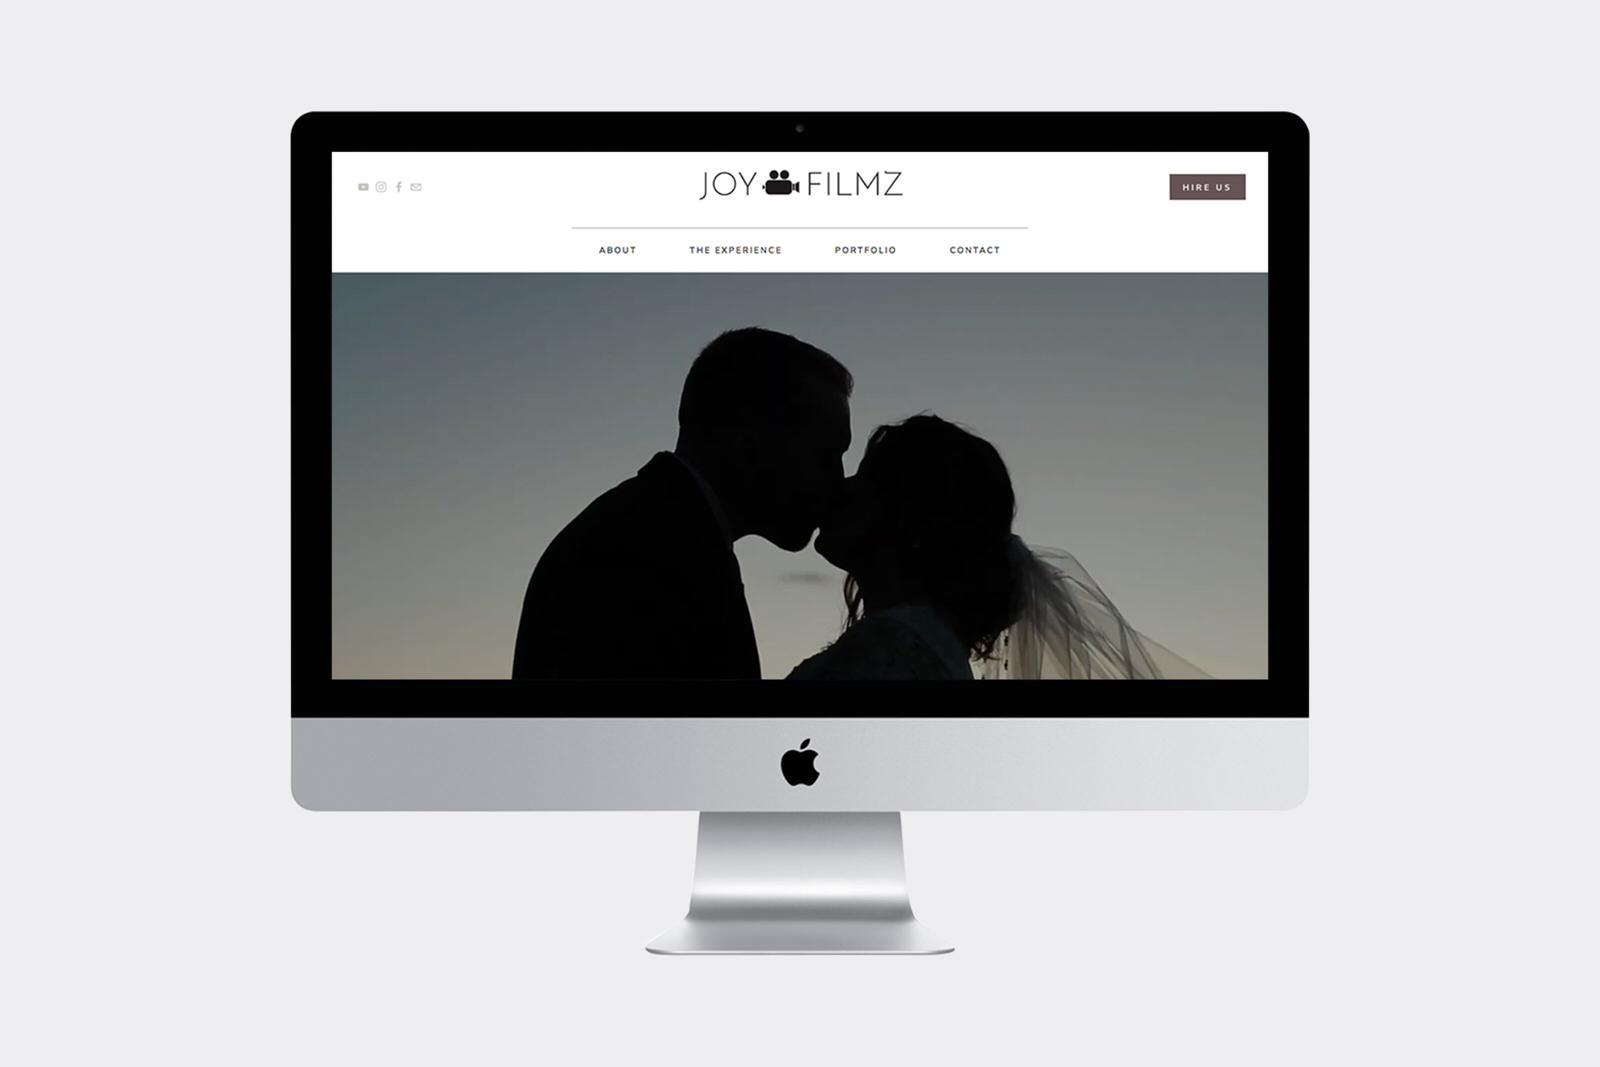 joyfilmz-portfolio1.jpg